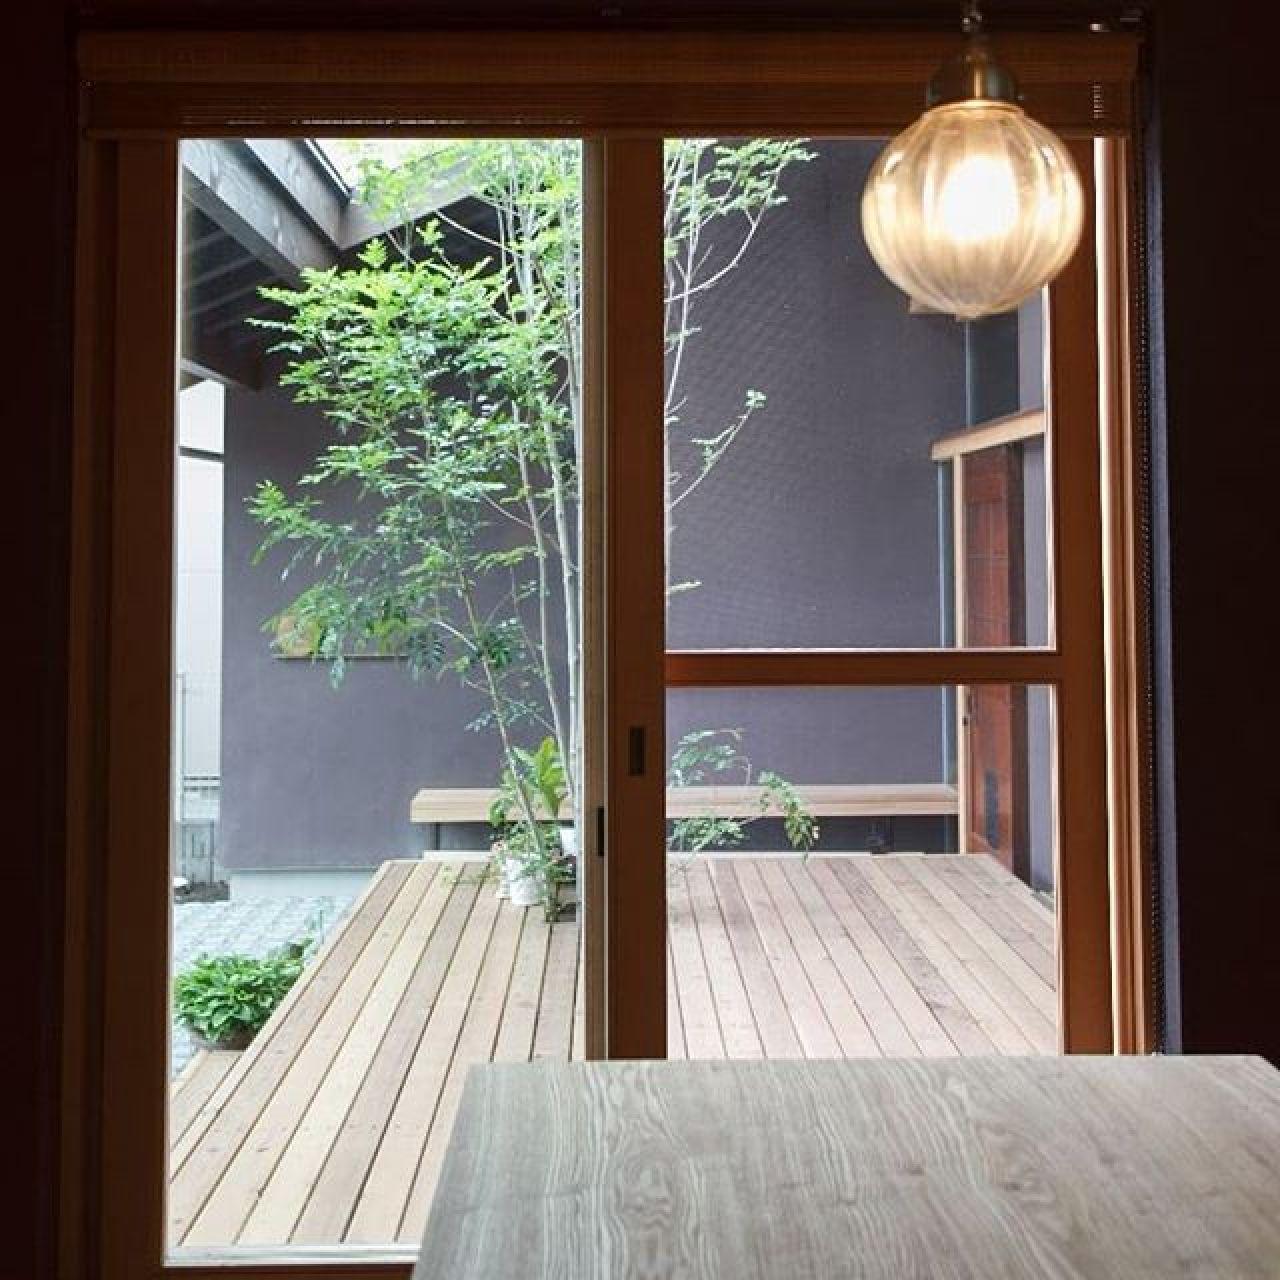 ダイニングから中庭へ続くウッドデッキ。#ウッドデッキ#中庭#和モダン#オリジナル窓#木製窓 #注文住宅#自然素材